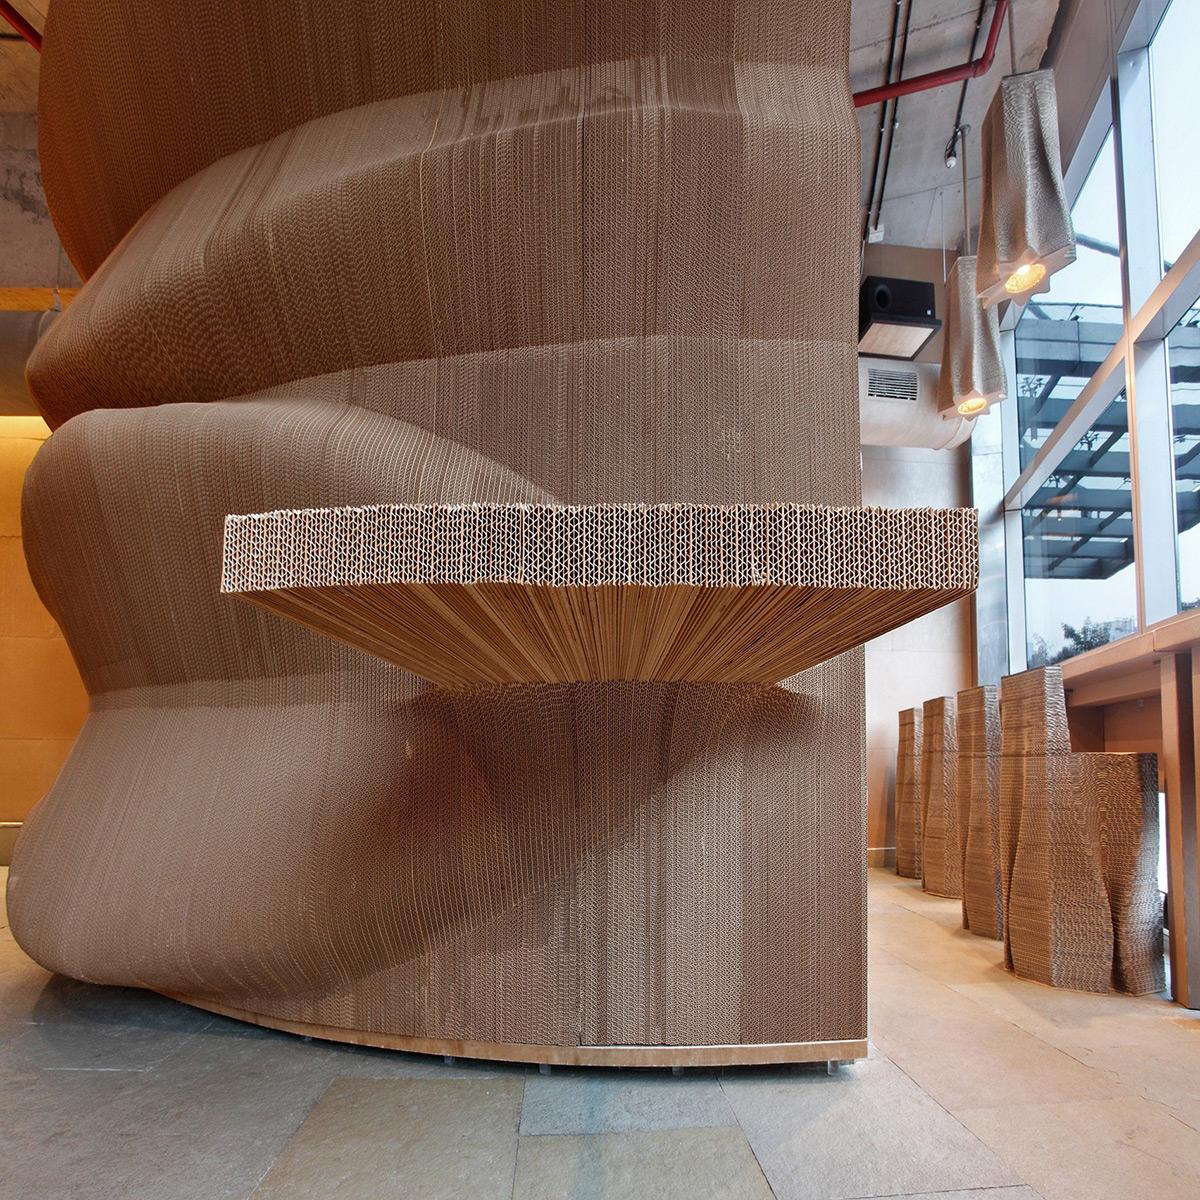 cardboard-nudes-Mrigank-Sharma-04